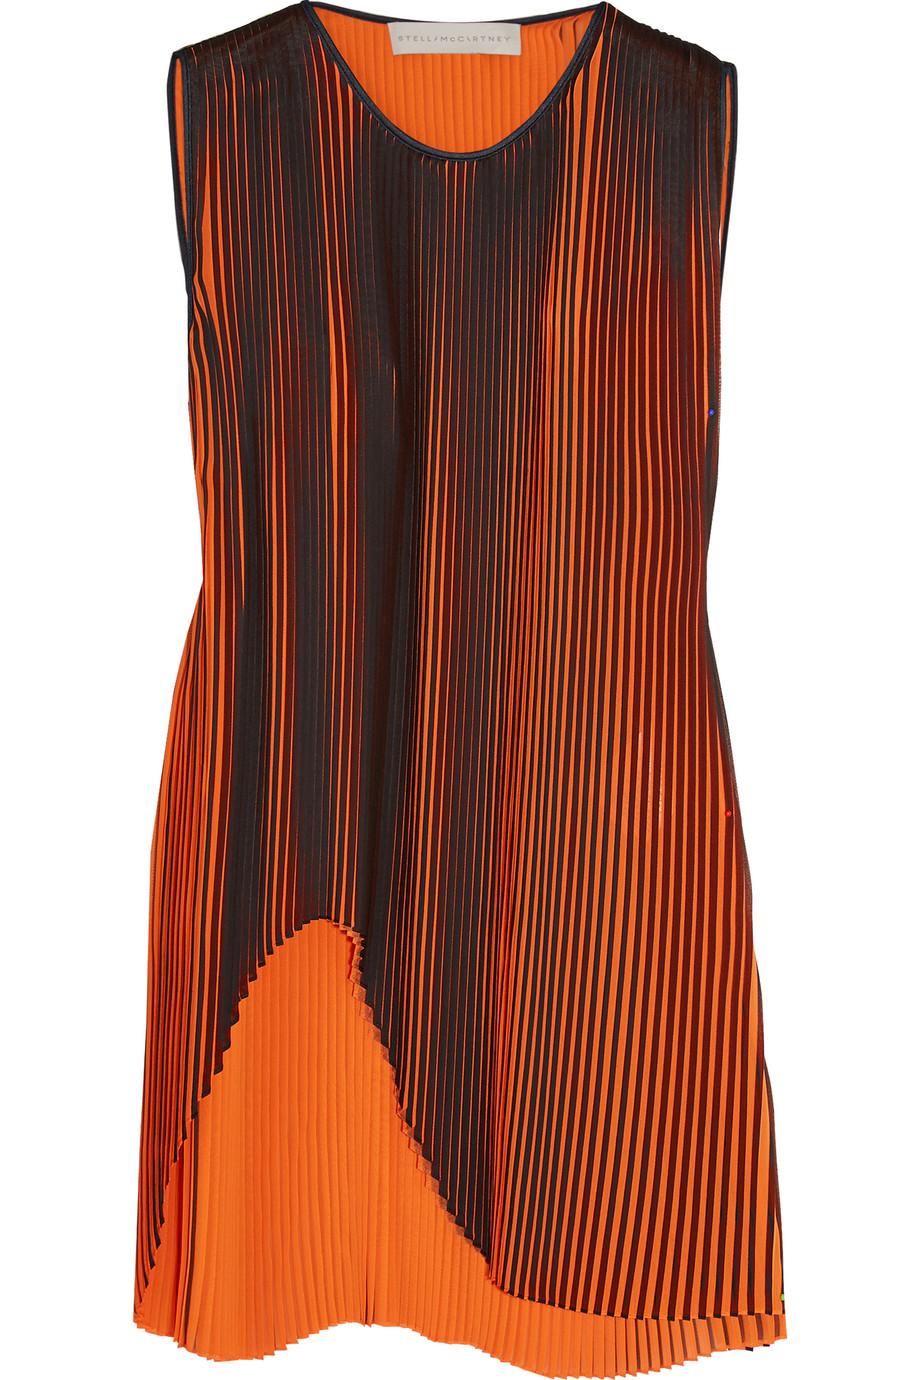 Stella Mccartney Gigi Asymmetric Plissé-Georgette Top, Orange/Black, Women's, Size: 46